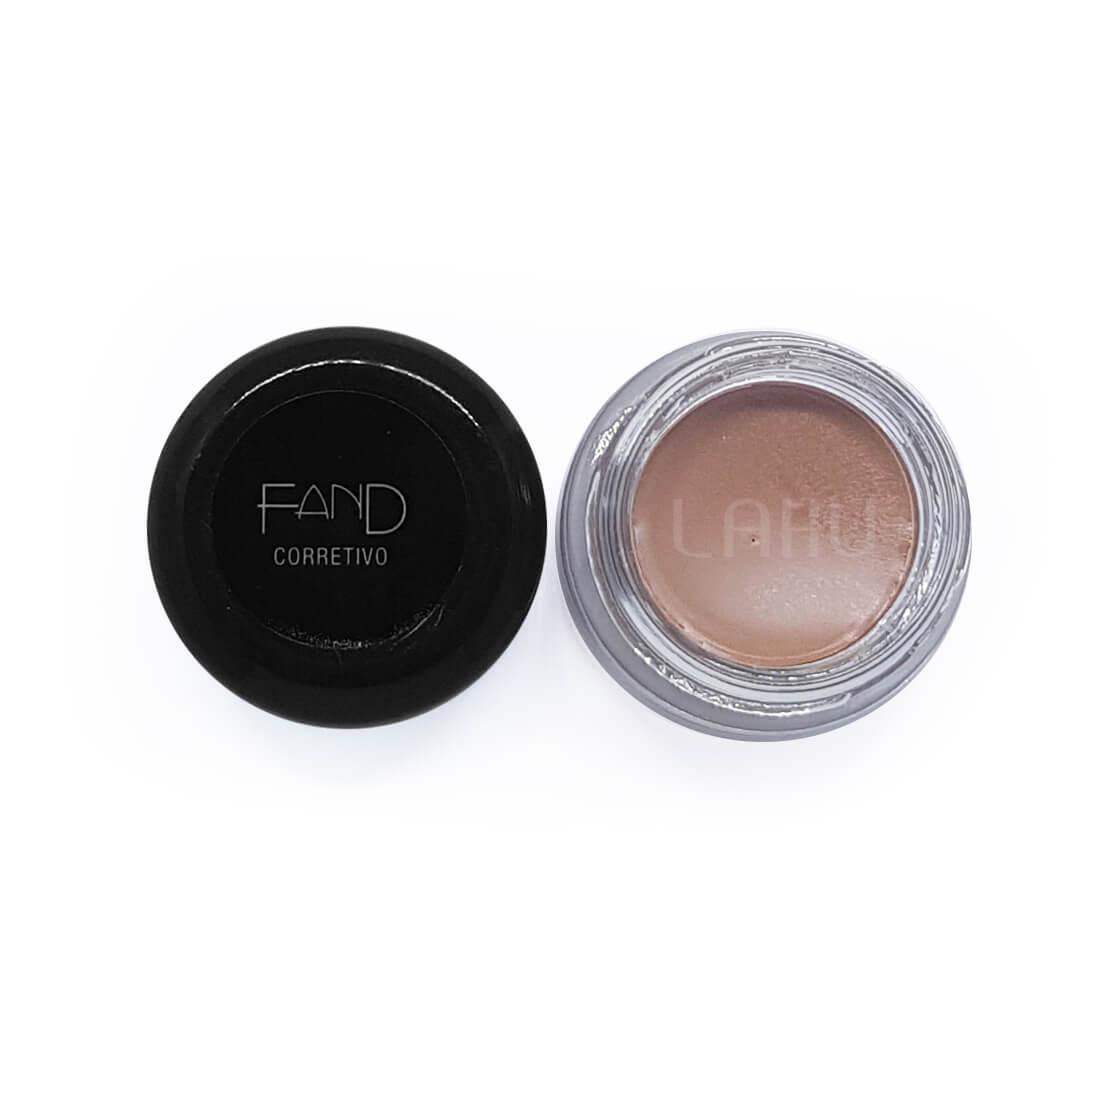 Corretivo Camuflagem FC12 Fand Makeup